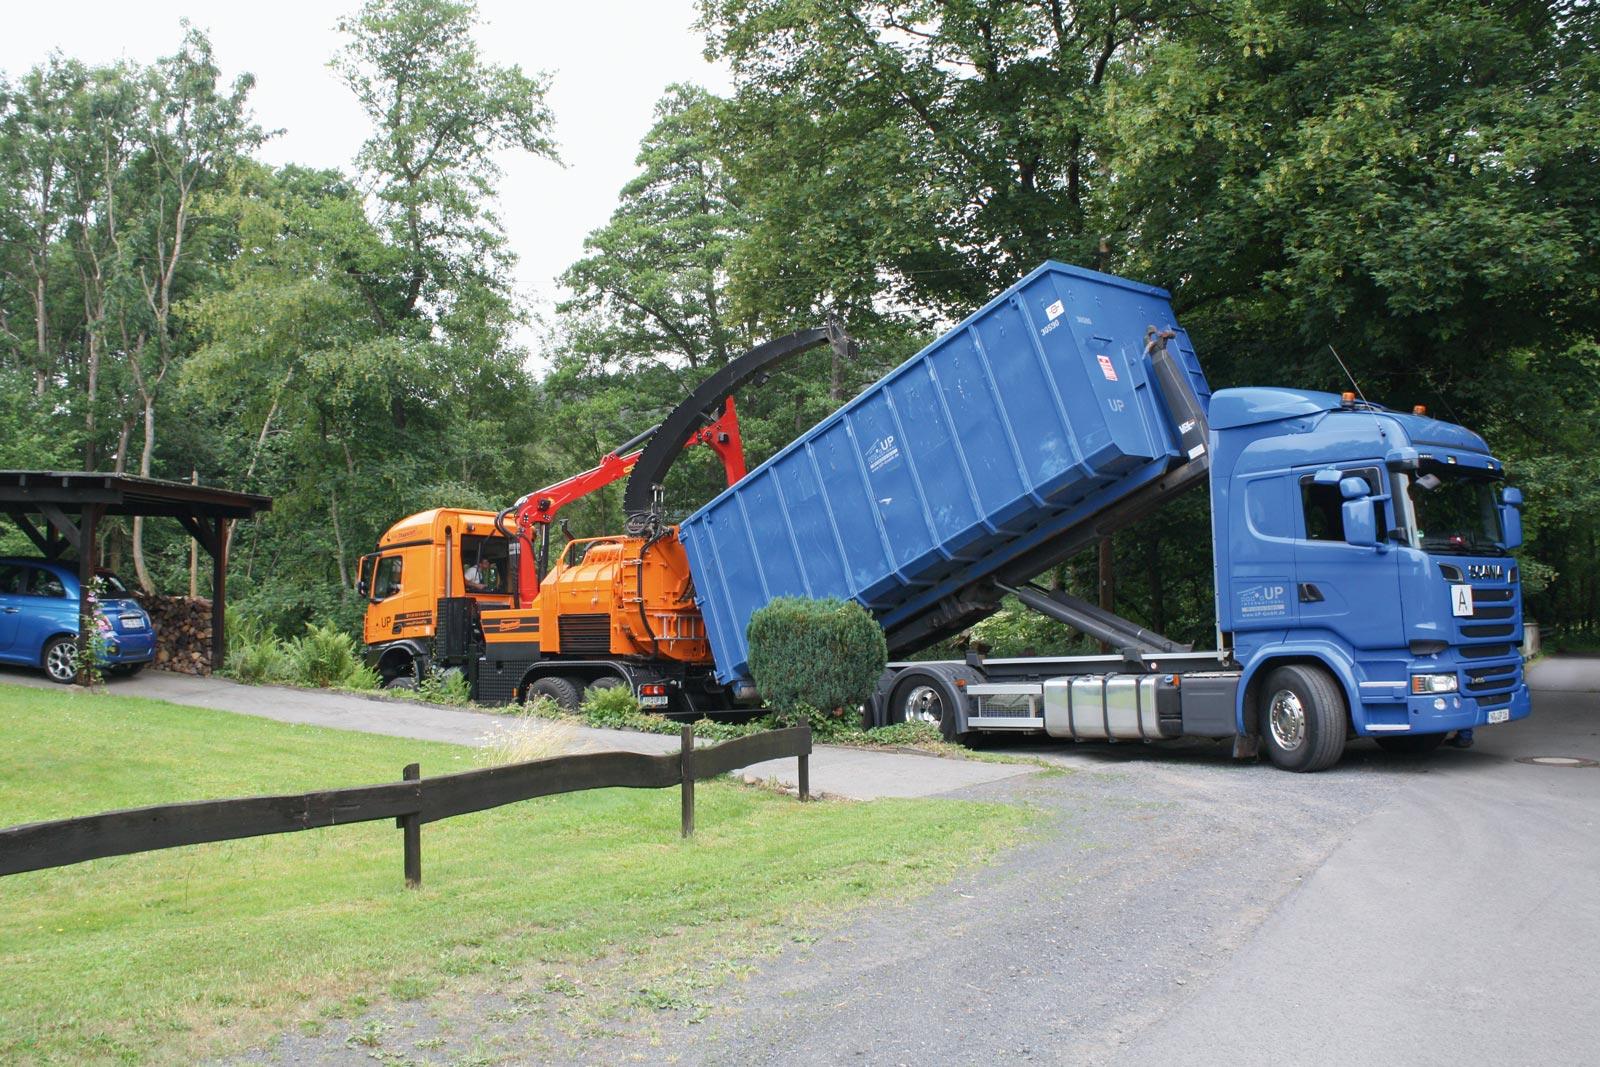 UP International GmbH - Fahrzeuge im Einsatz